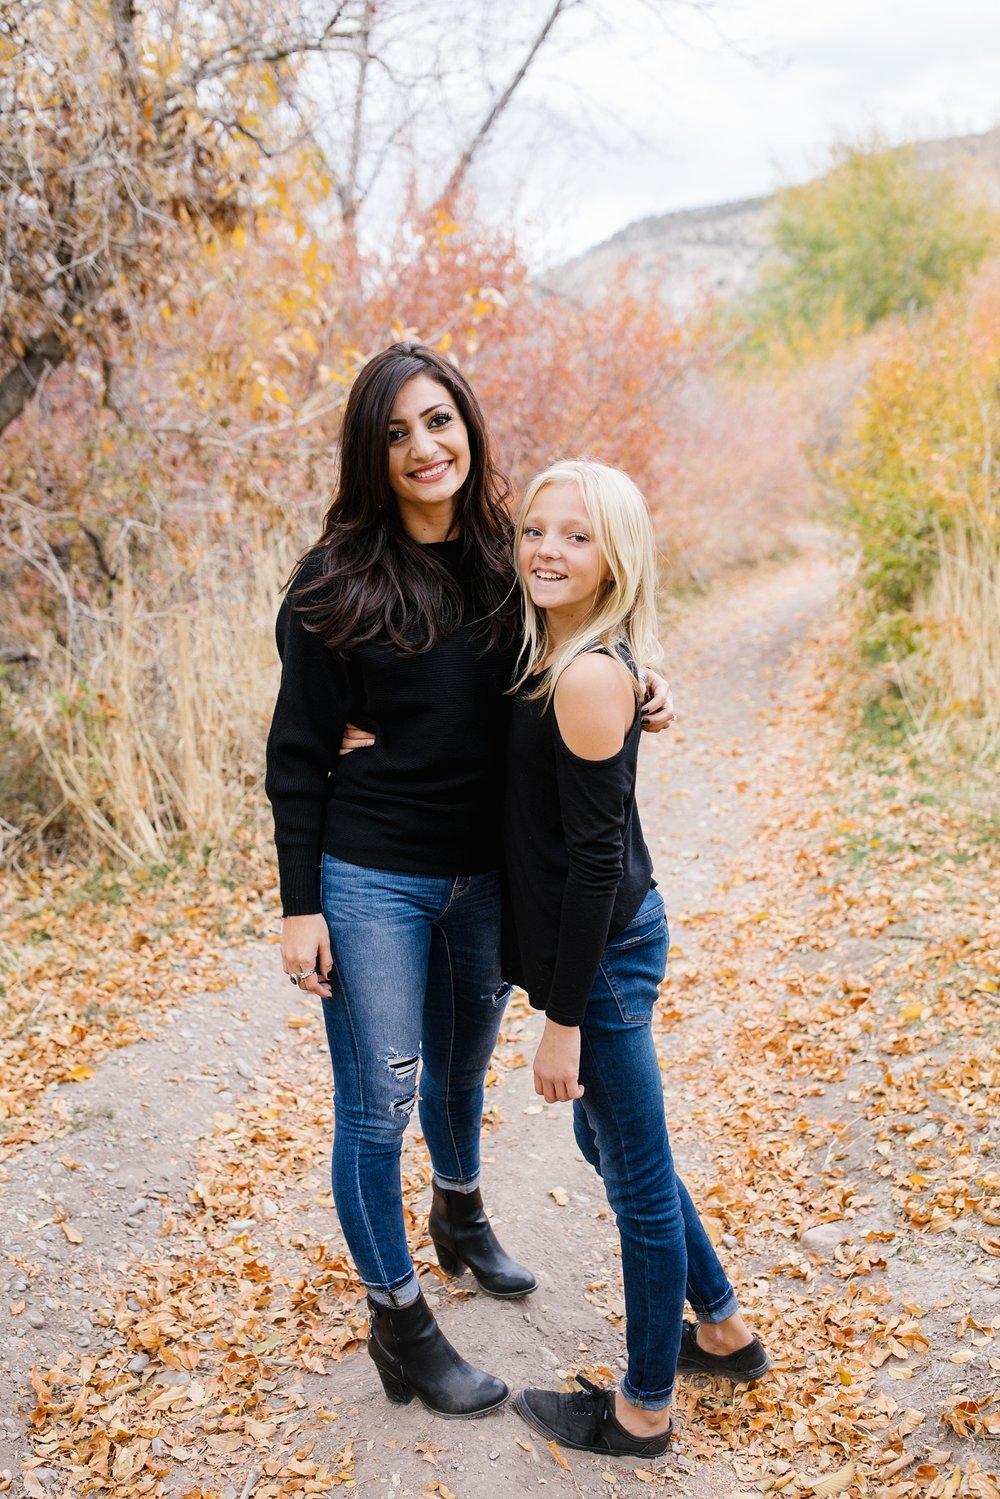 Tischner-58_Lizzie-B-Imagery-Utah-Family-Photographer-Park-City-Salt-Lake-City-Nephi-Utah.jpg